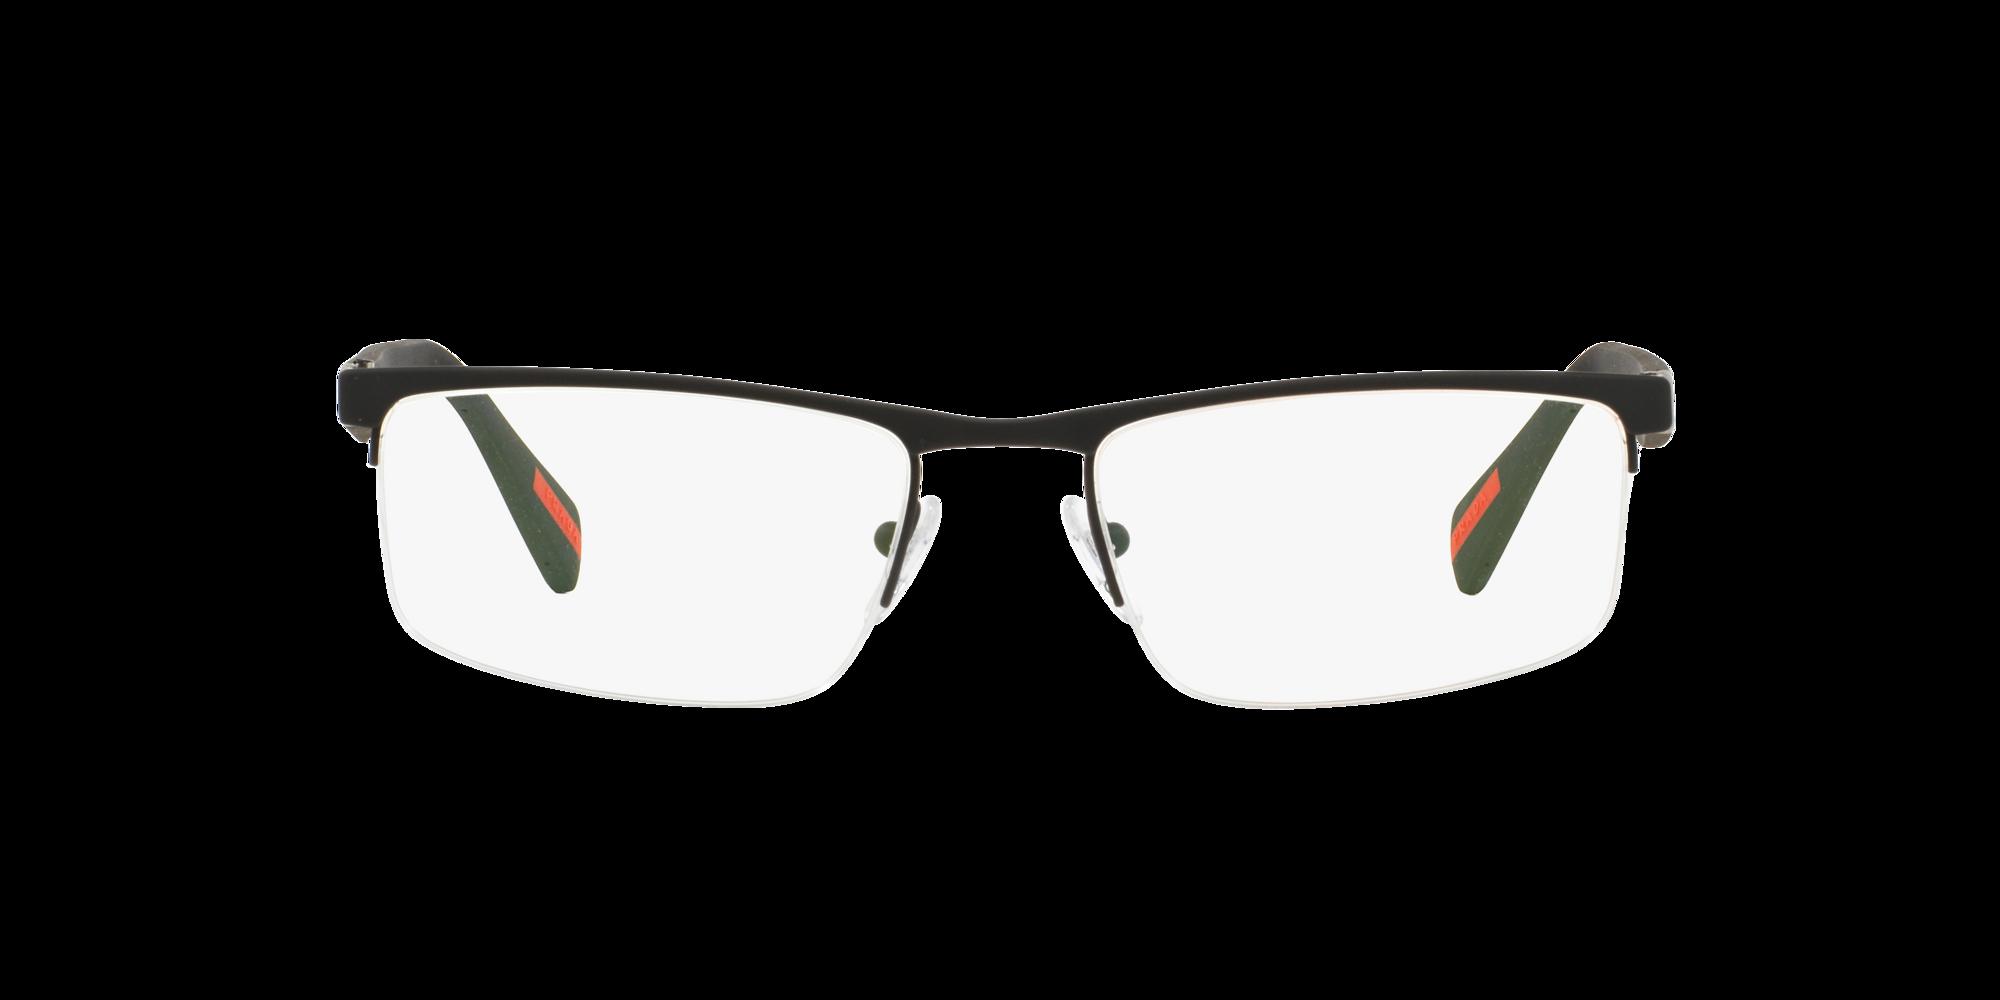 Imagen para PS 52FV ACTIVE de LensCrafters |  Espejuelos, espejuelos graduados en línea, gafas